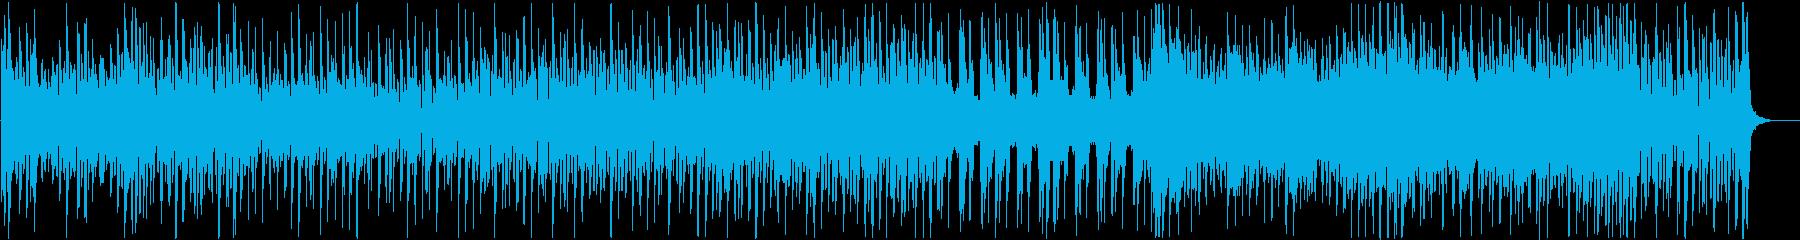 いきいきした日常シーンを想定したポップスの再生済みの波形